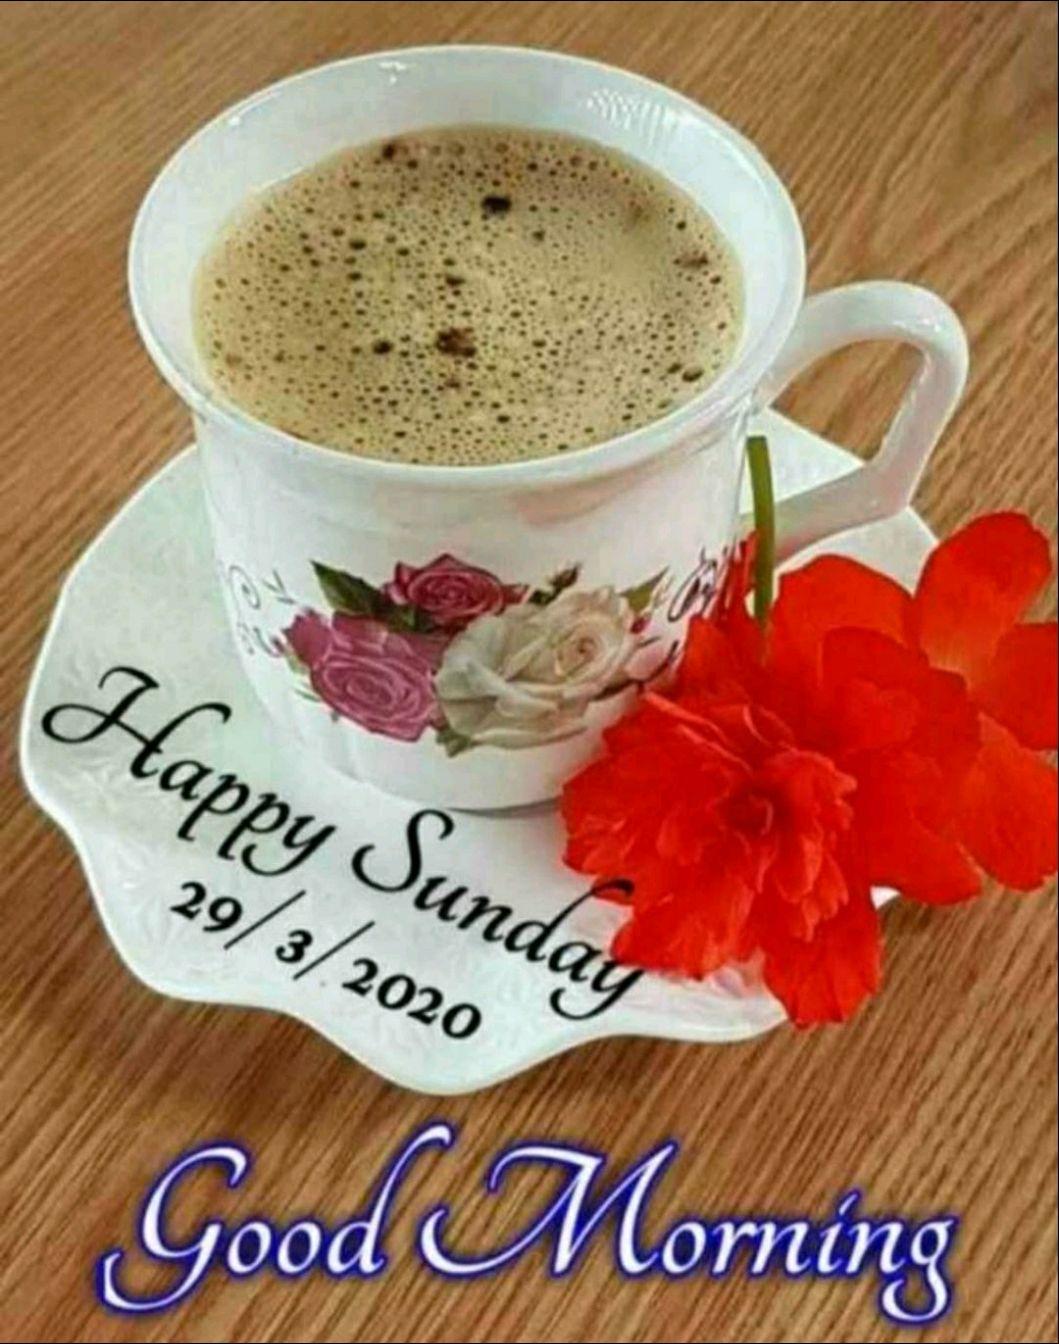 🌞সুপ্রভাত - Happy Sunday 29 / 3 / 2020 Good Morning - ShareChat